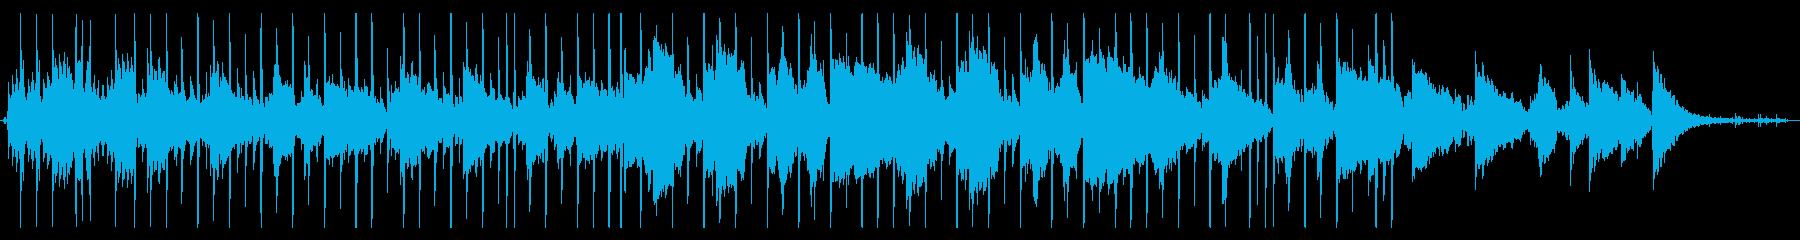 暗めのループ系Lofi-hip hopの再生済みの波形